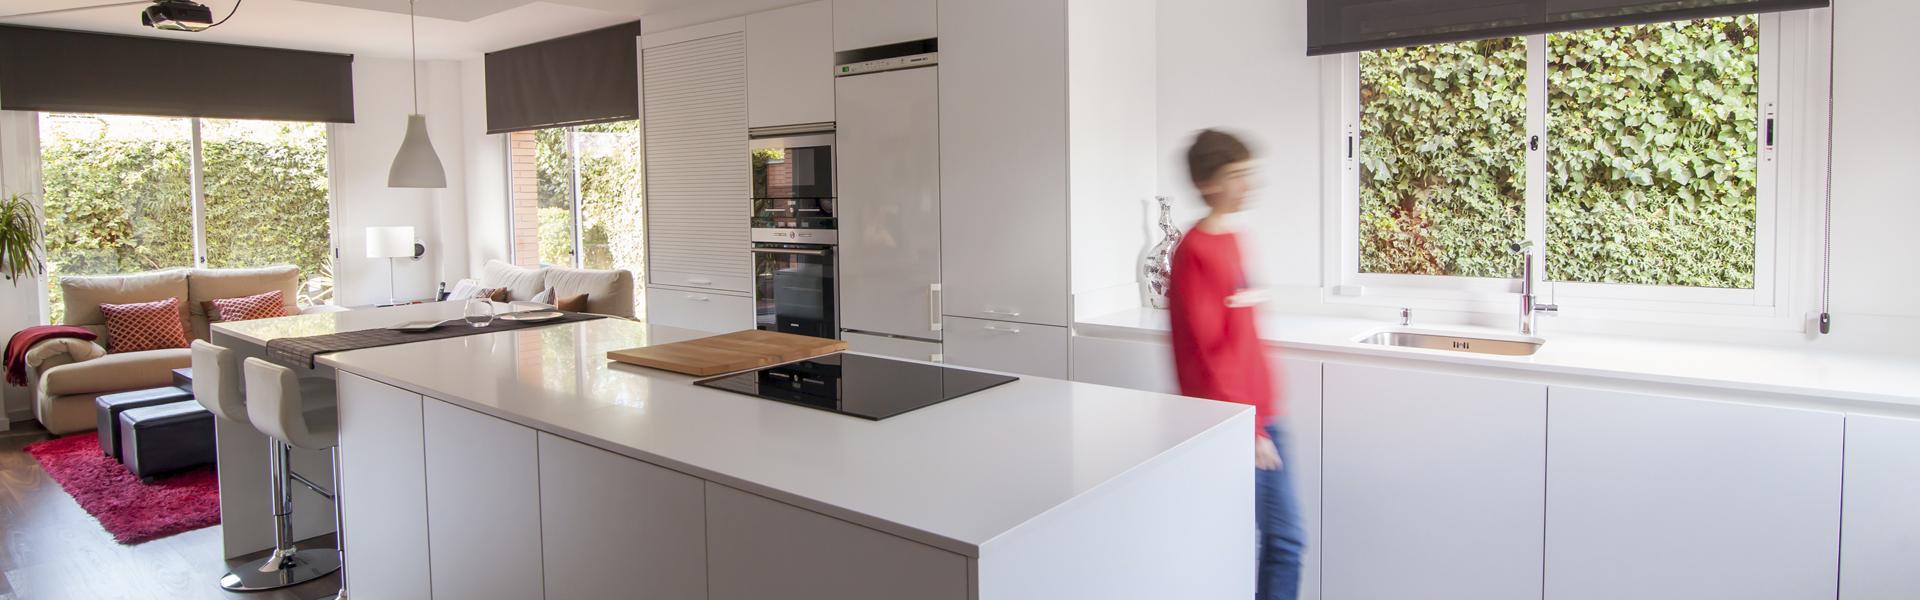 Cocinas santos nos presenta una cocina blanca con isla for Cocinas con isla y salon